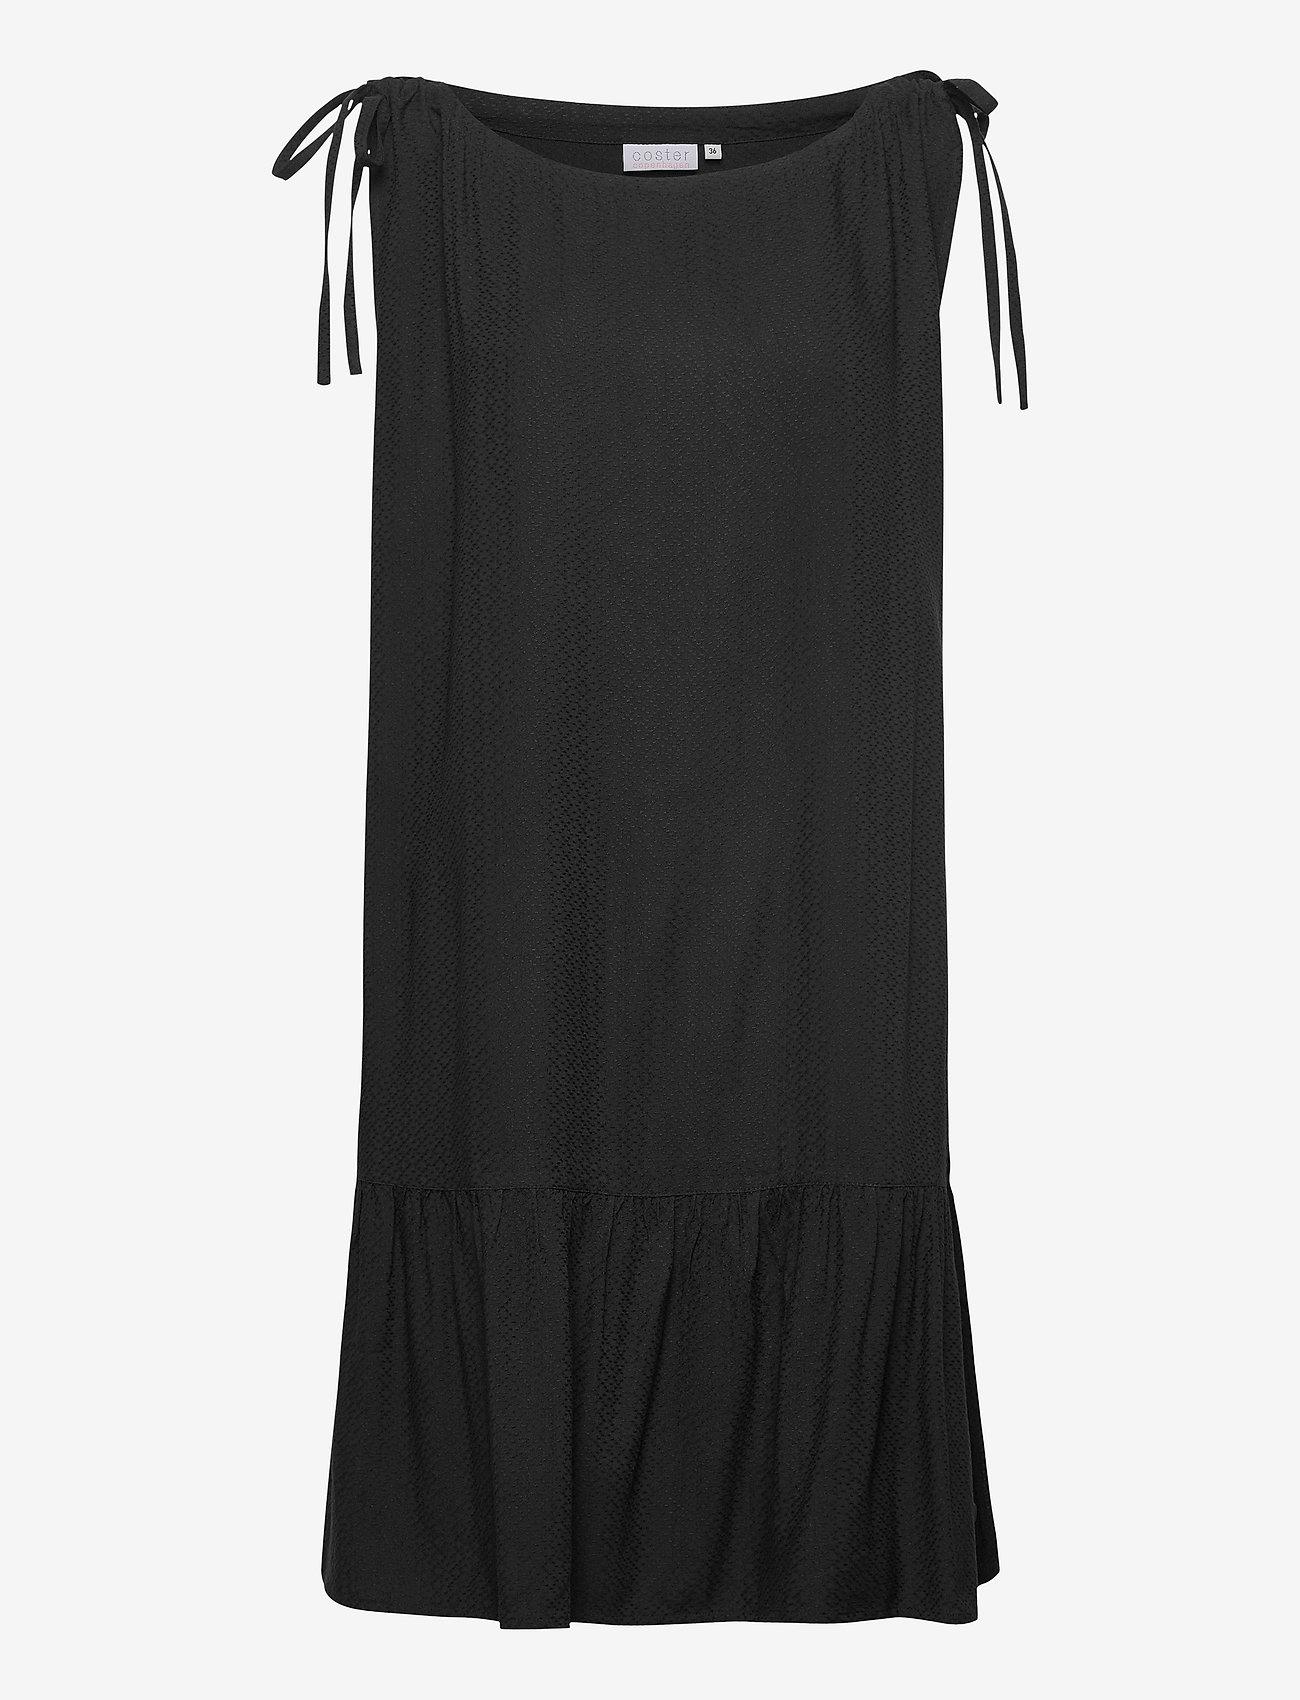 Coster Copenhagen - Dress w. skirtpart in Eco Friendly - korte kjoler - black